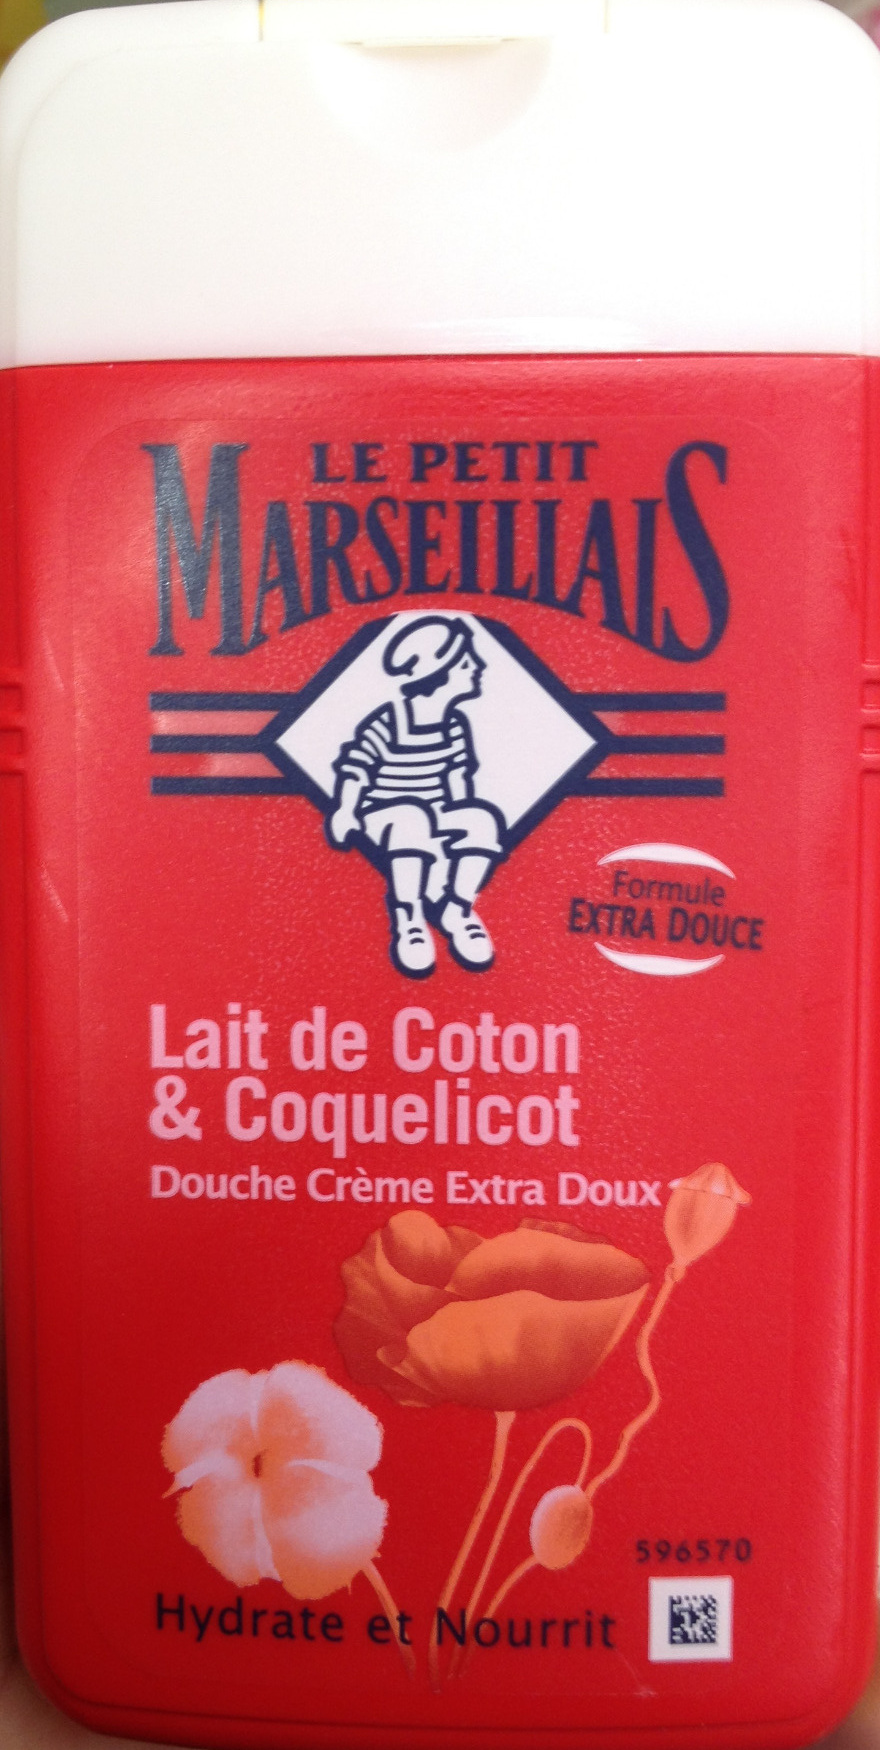 Douche crème extra doux Lait de coton & coquelicot - Produit